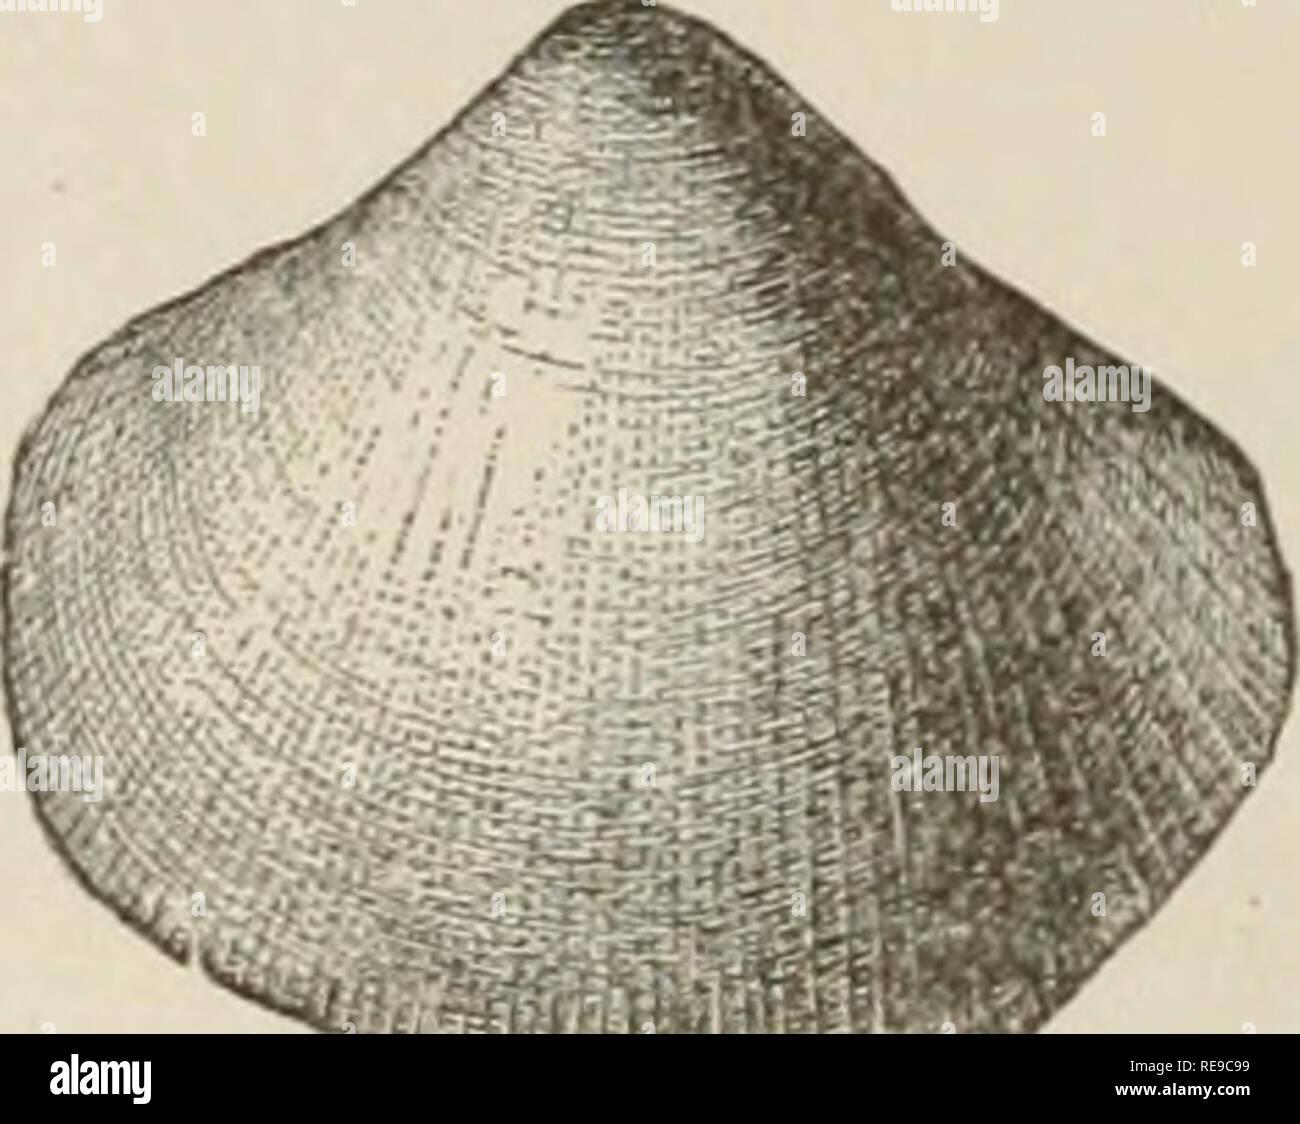 """. Ein Beitrag zur Amerikanischen thalassography; drei Kreuzfahrten der Vereinigten Staaten Küsten- und Vermessungsamt Dampfer """"Blake"""", im Golf von Mexiko, in der Karibik, und entlang der Atlantikküste der Vereinigten Staaten, von 1877 bis 1800. Blake (Schiff); Marine Tiere - Atlantik; marine Sedimente; Ocean. ^ Abb. 299. - Pecten phrygium. . Abb. 298. - Pecten (Amusium) Dalli. . Verwandte Arten zu Miozän, und hat eine sehr komplizierte Skulptur. Cetoconcha hulla (Abbn. 300, 301) und C. elongata Dall (Abb.. Bitte beachten Sie, dass diese Bilder aus gescannten Seite Bilder, hav können extrahiert werden Stockbild"""